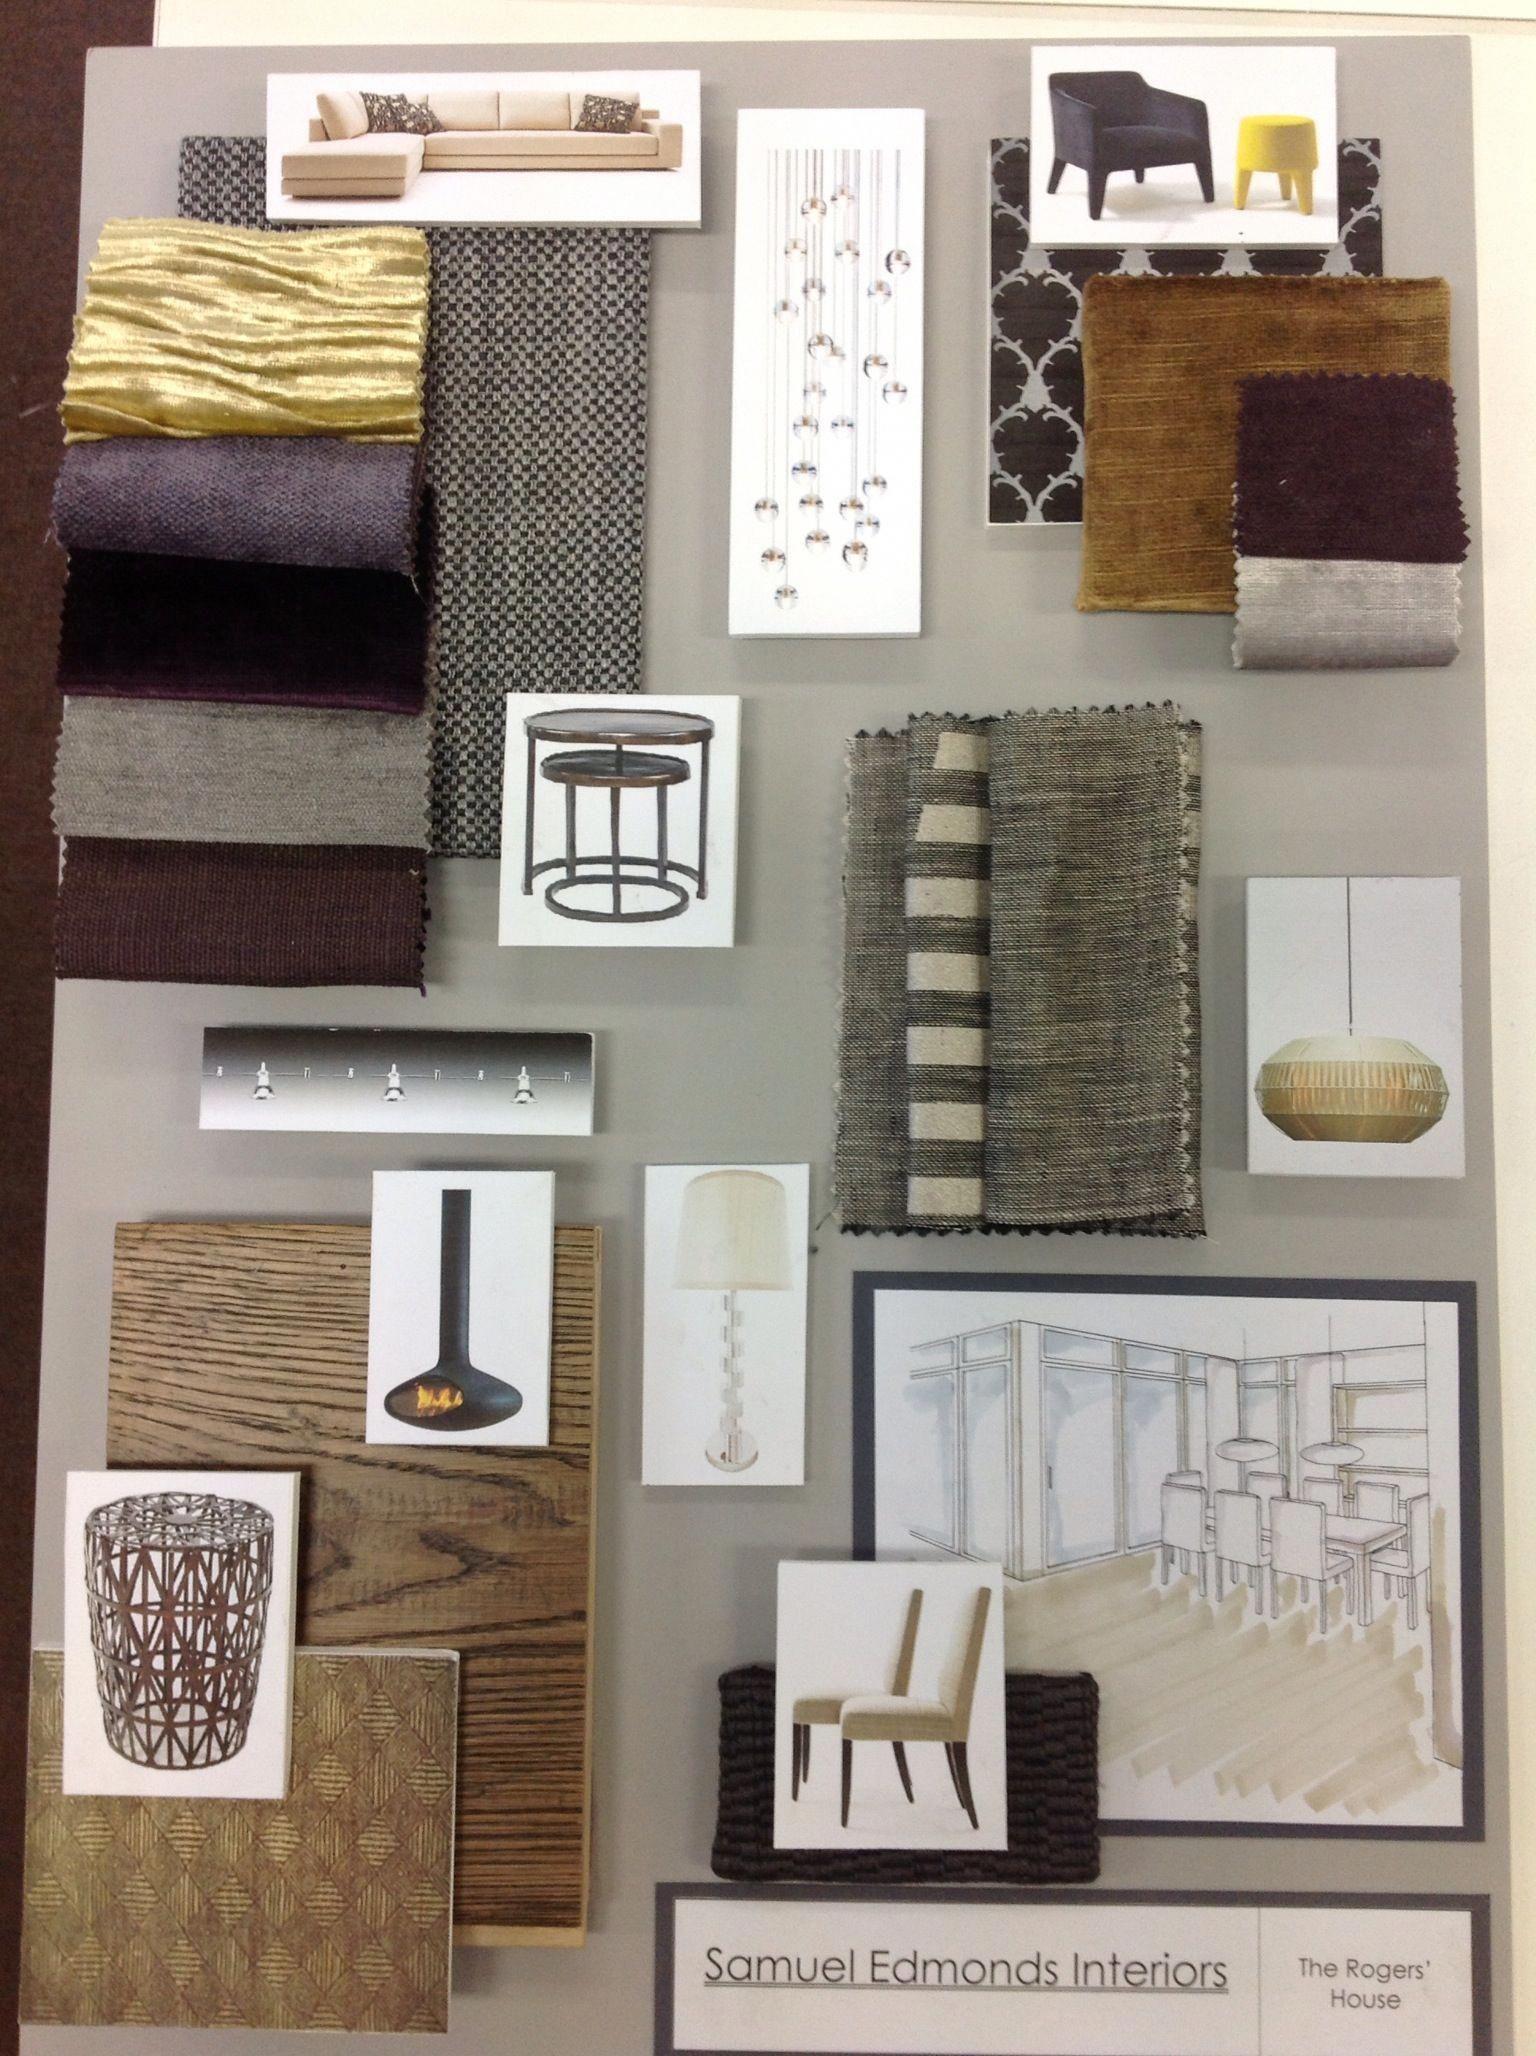 Interior Painters Near Me Wheredointeriordesignersbuyfurniture Id 2076799508 Materials Board Interior Design Interior Design Presentation Mood Board Interior